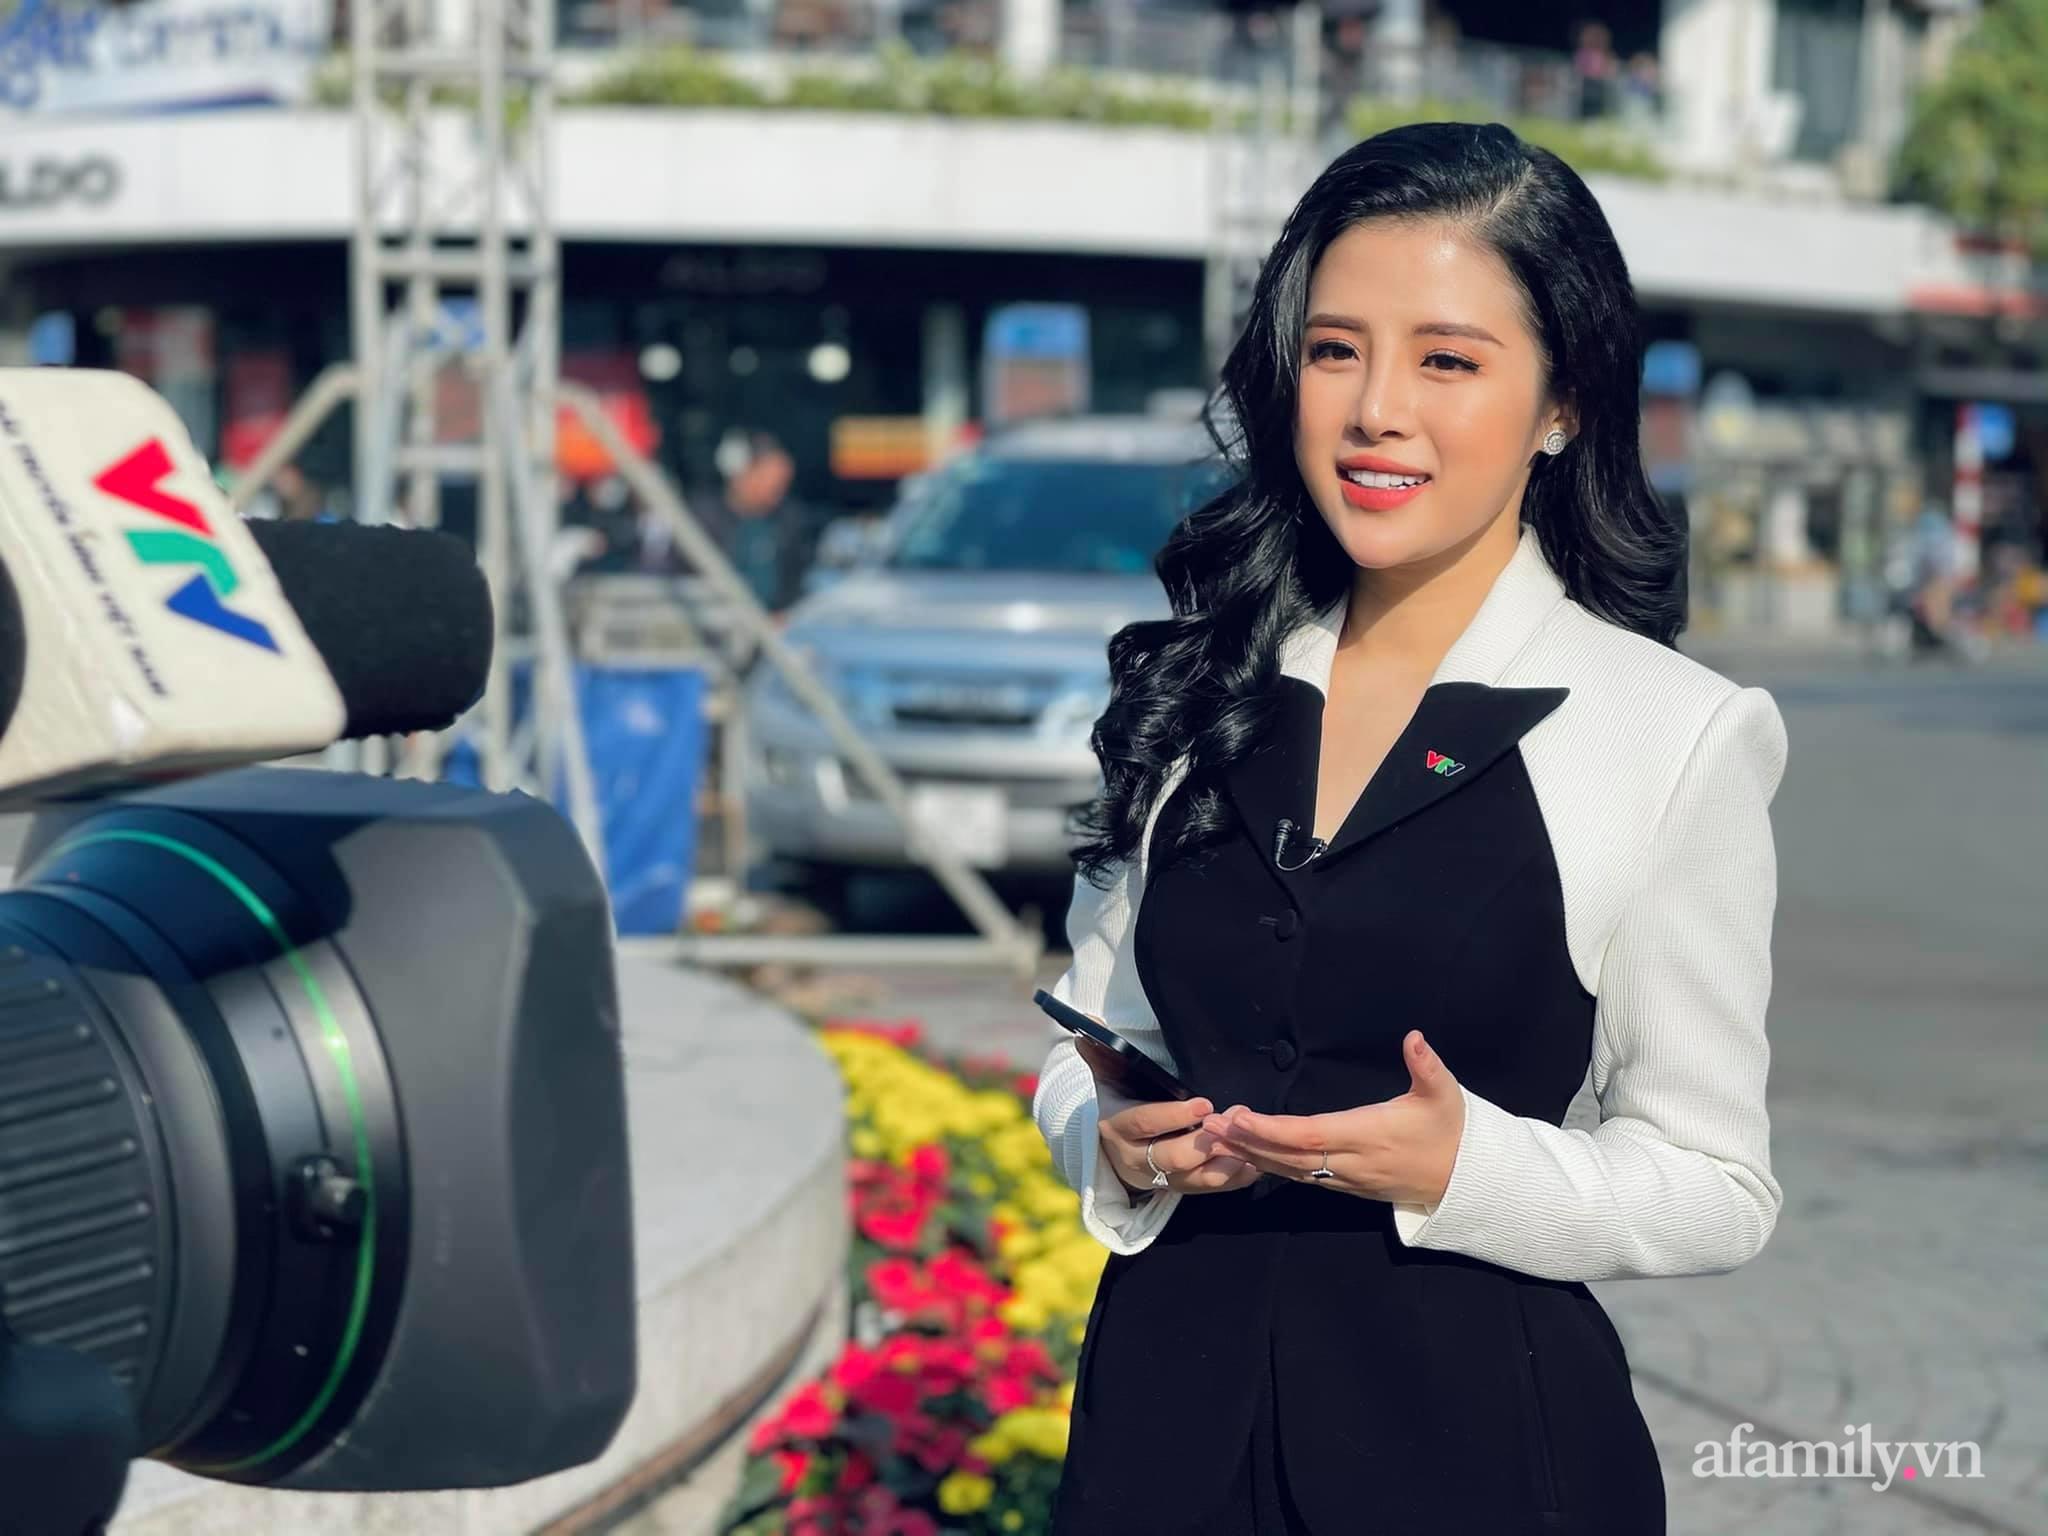 """Tết của các BTV truyền hình nổi tiếng: """"Cô gái thời tiết"""" Xuân Anh đi làm từ 4h sáng, Hải Vân VTV24 đón xuân đầu tiên không được về nhà - Ảnh 1."""